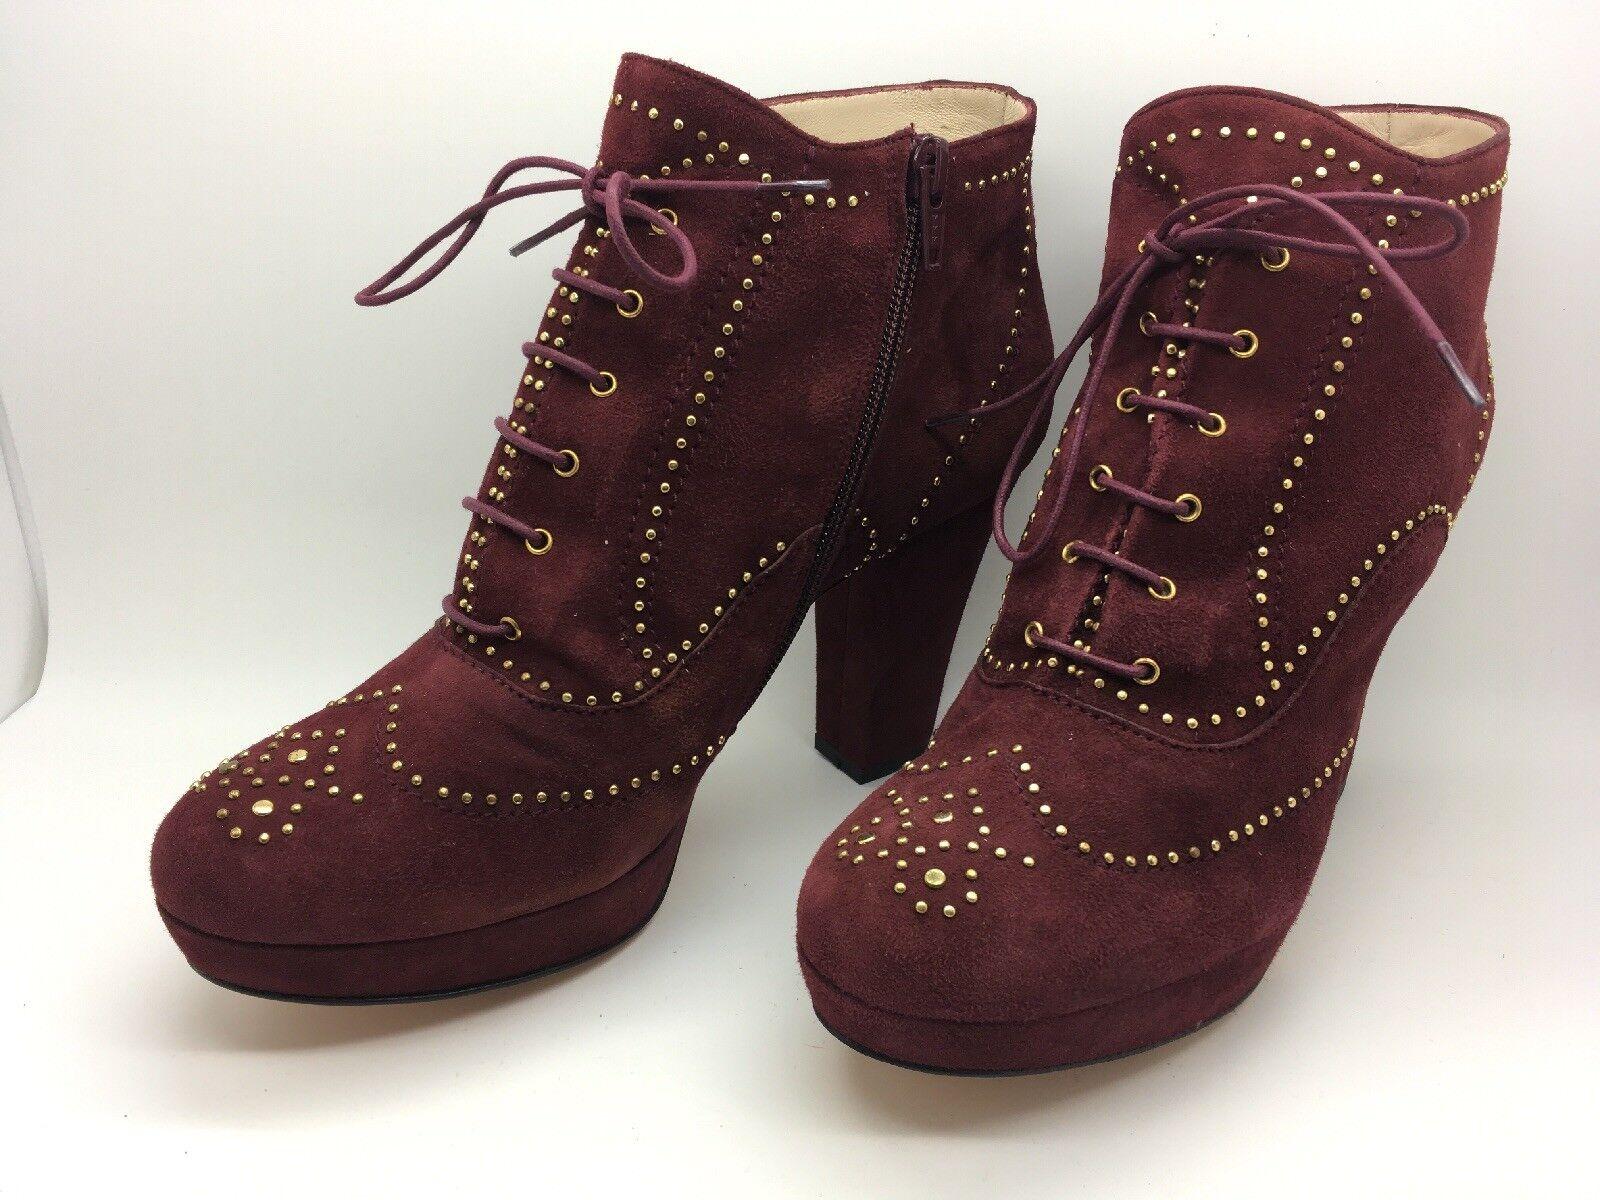 7a84d76c33a GIL nuevas de piel burdeos Talla 39 EUR 7.5 US PACO Botines nqgjot463- zapatos nuevos